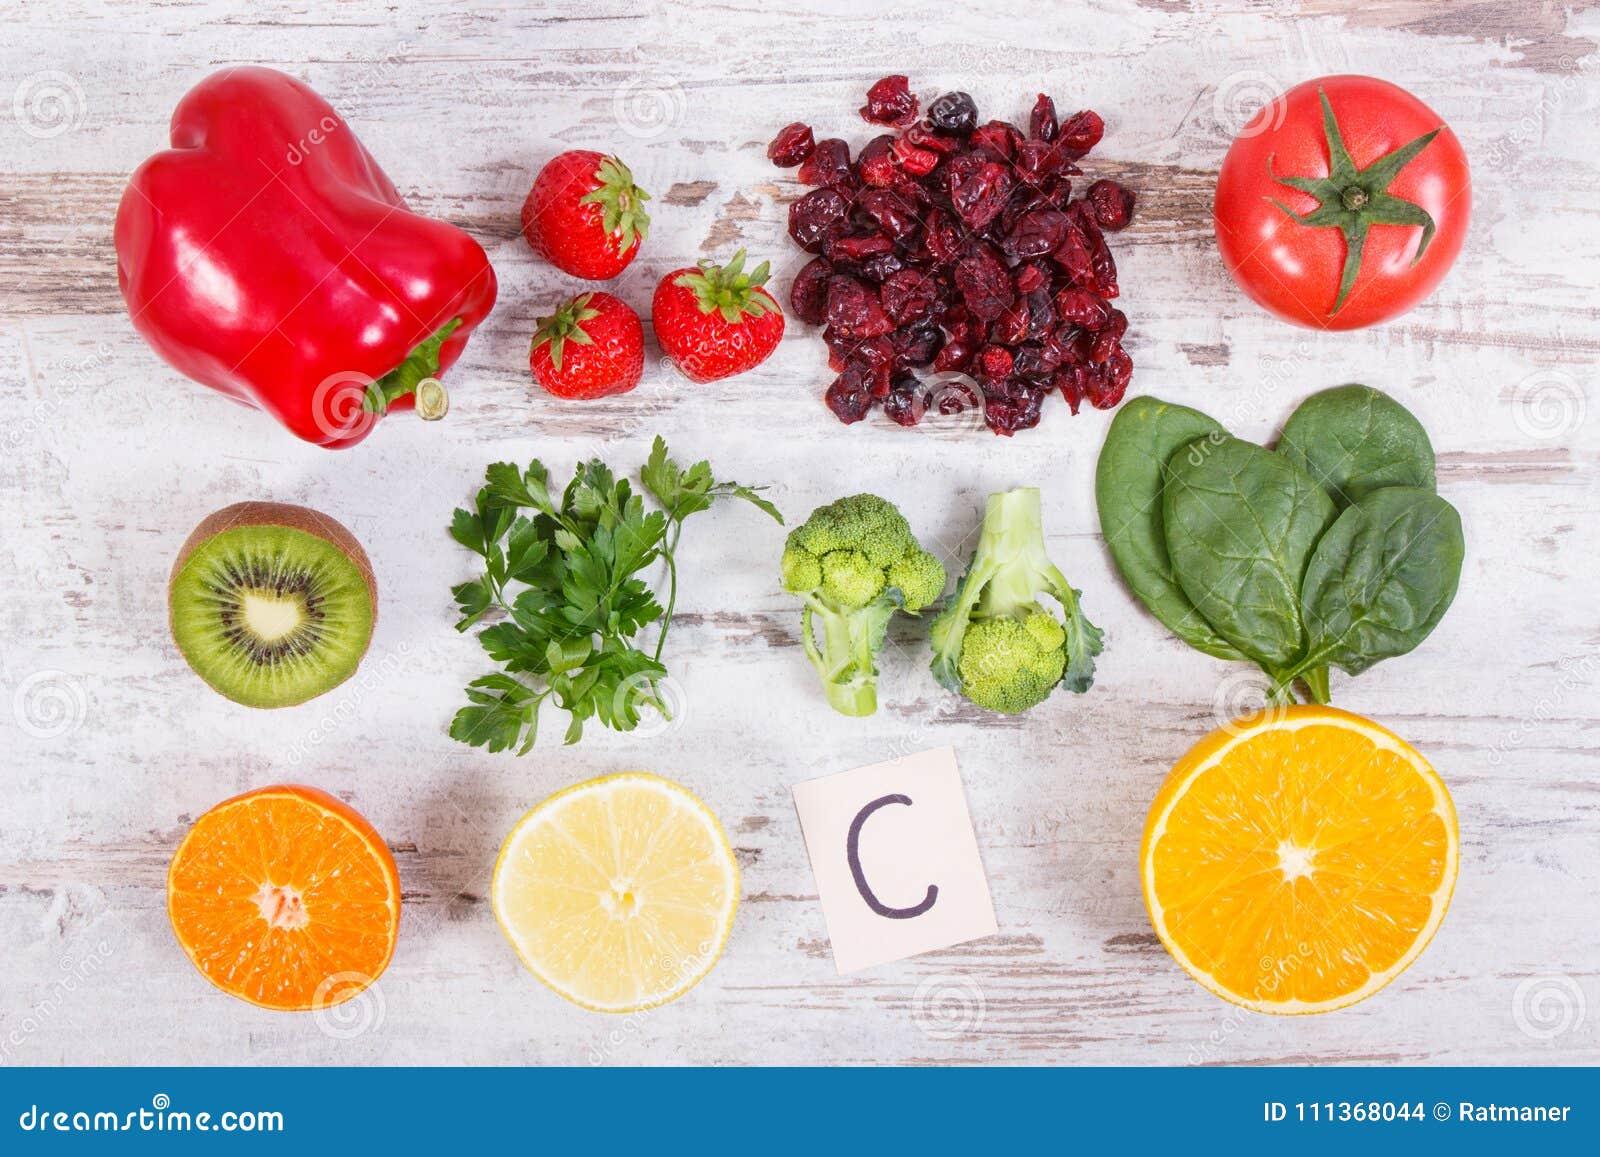 frutas y vegetales que contengan vitamina a